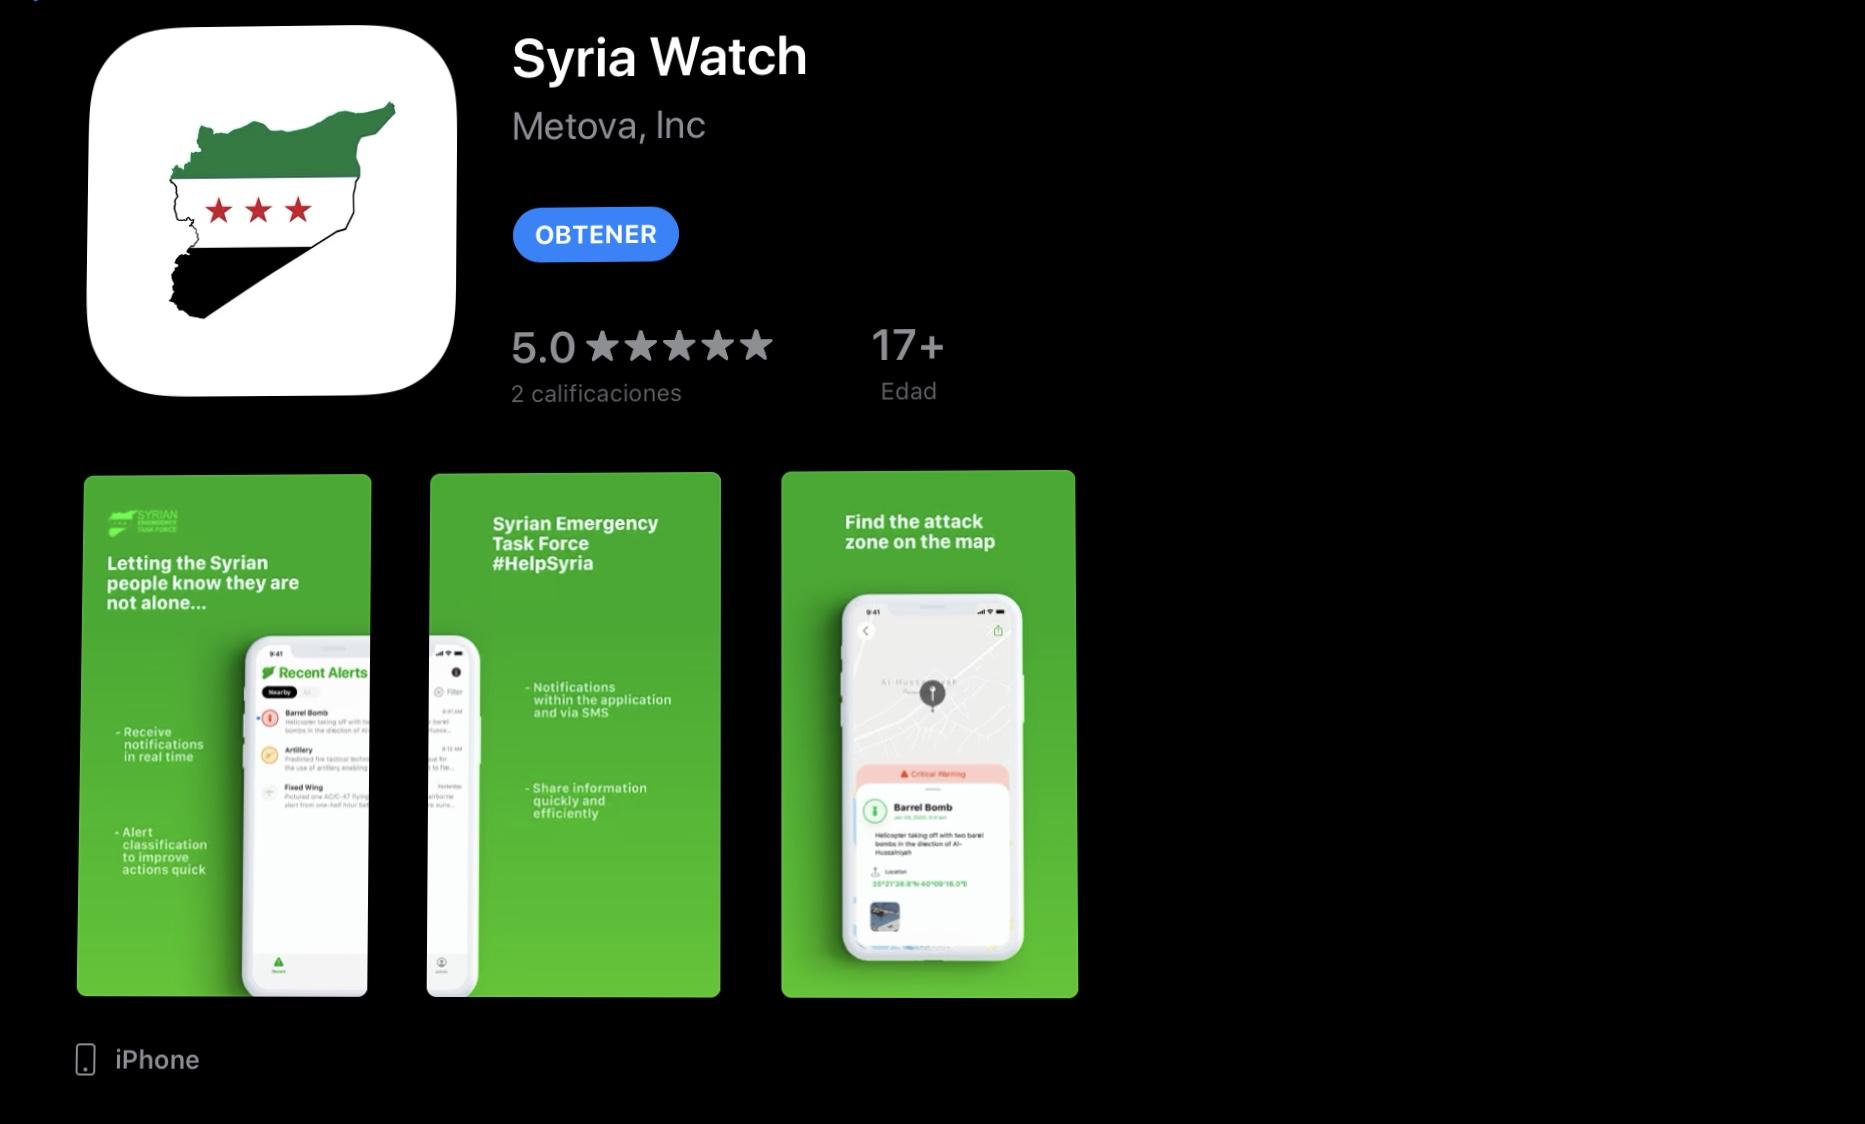 Se trata de la aplicación Syria Watch, que genera alertas de ataque y cuenta con botones de donación para apoyar a la asociación civil Syrian Emergency Task Force